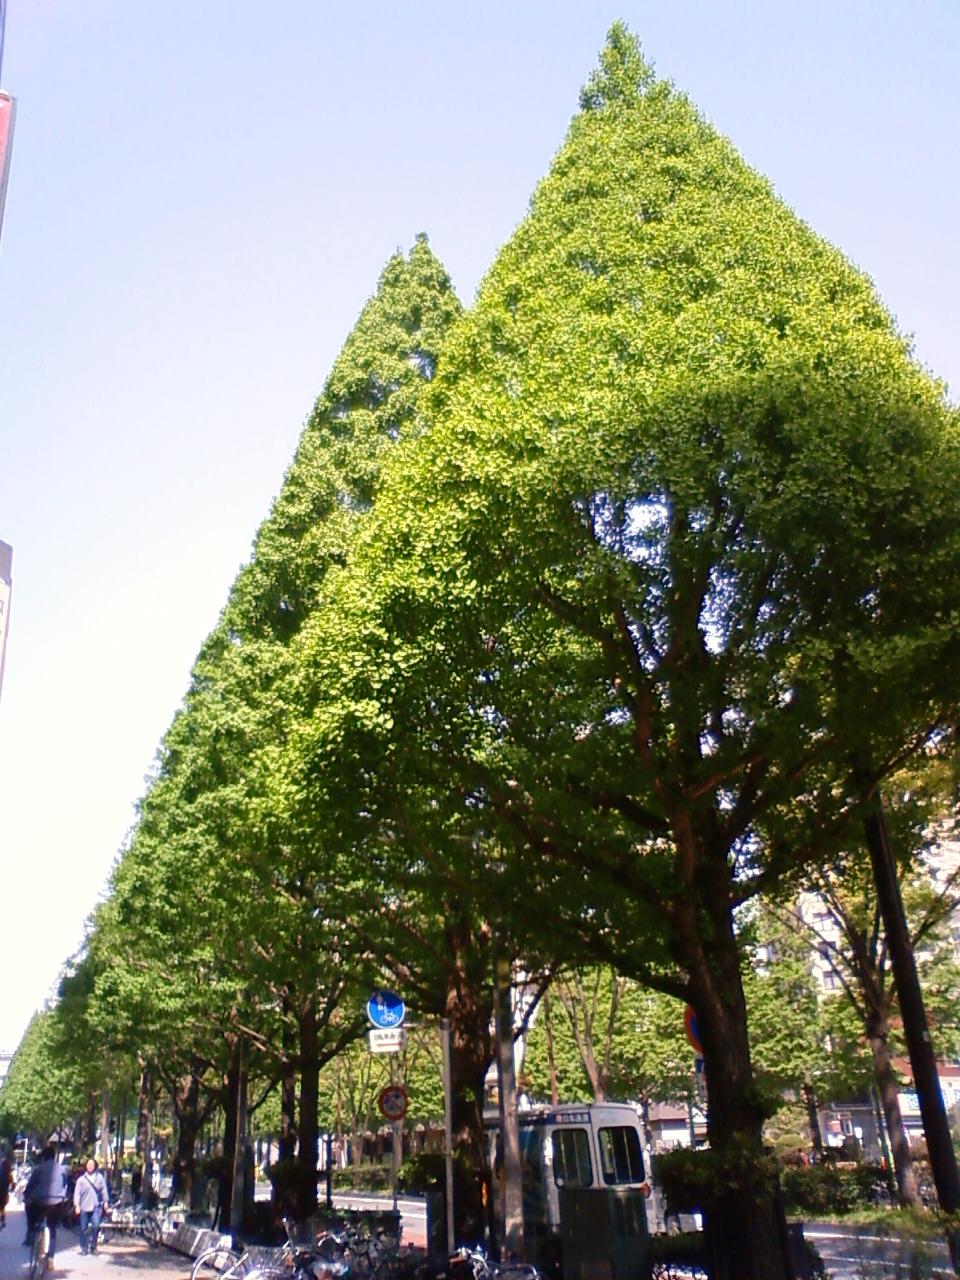 違和感のある街路樹